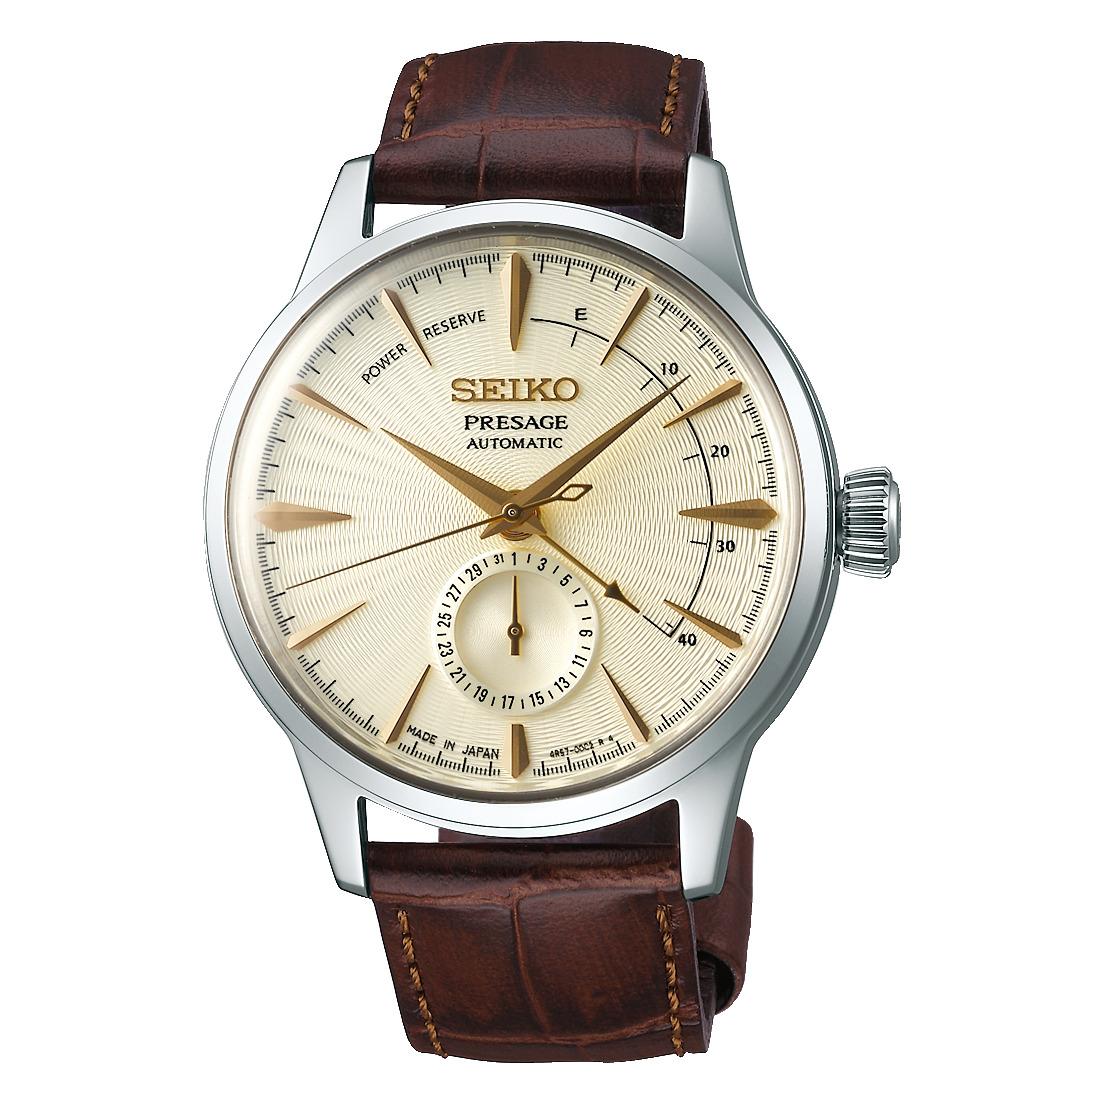 プレザージュ PRESAGE セイコー SEIKO SARY107 ギムレット 正規品 腕時計